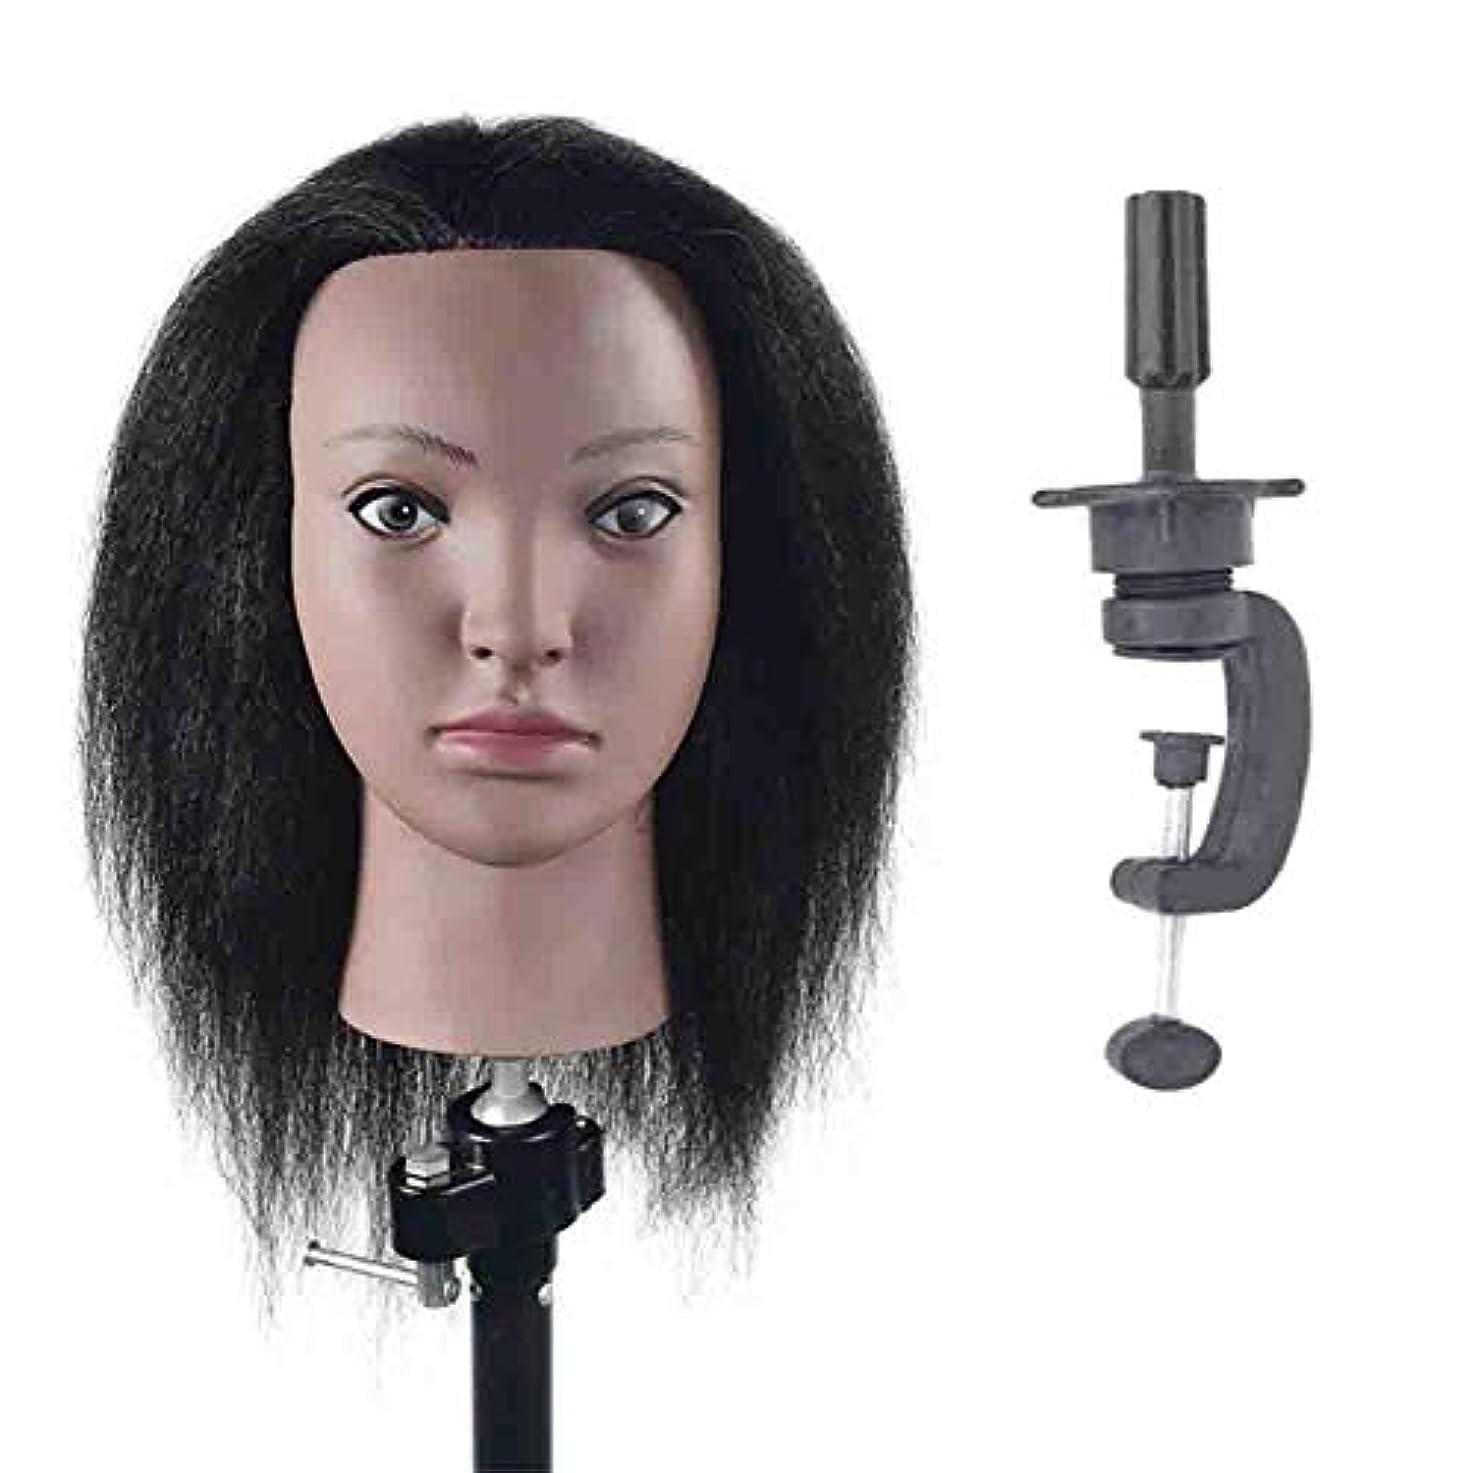 無一文バケツ知らせる練習ディスク髪編組ヘアモデル理髪店スクールティーチングヘッドロングかつら美容マネキンヘッド